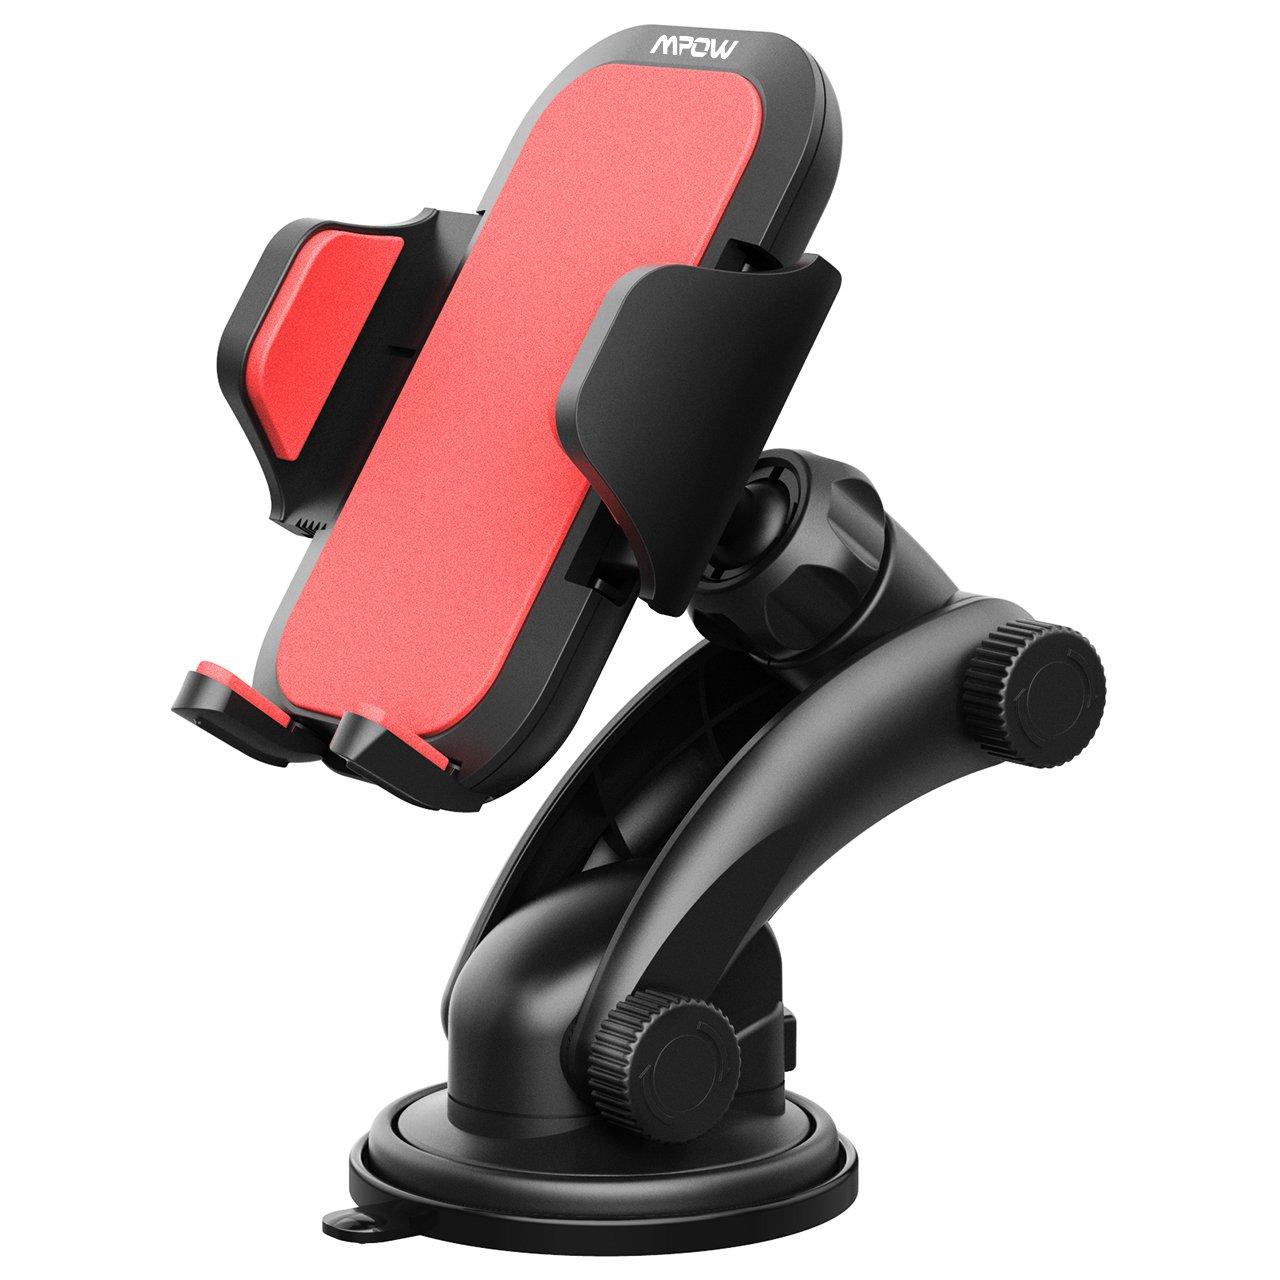 Mpow Soporte Moví l Coche para Salpicadero/Parabrisas, Soporte de Mó vil para Coche, para iPhone X/Xs/8/8P/7/6, Samsung S9/S8, Huawei y ect. Soporte de Móvil para Coche MPCA060AR